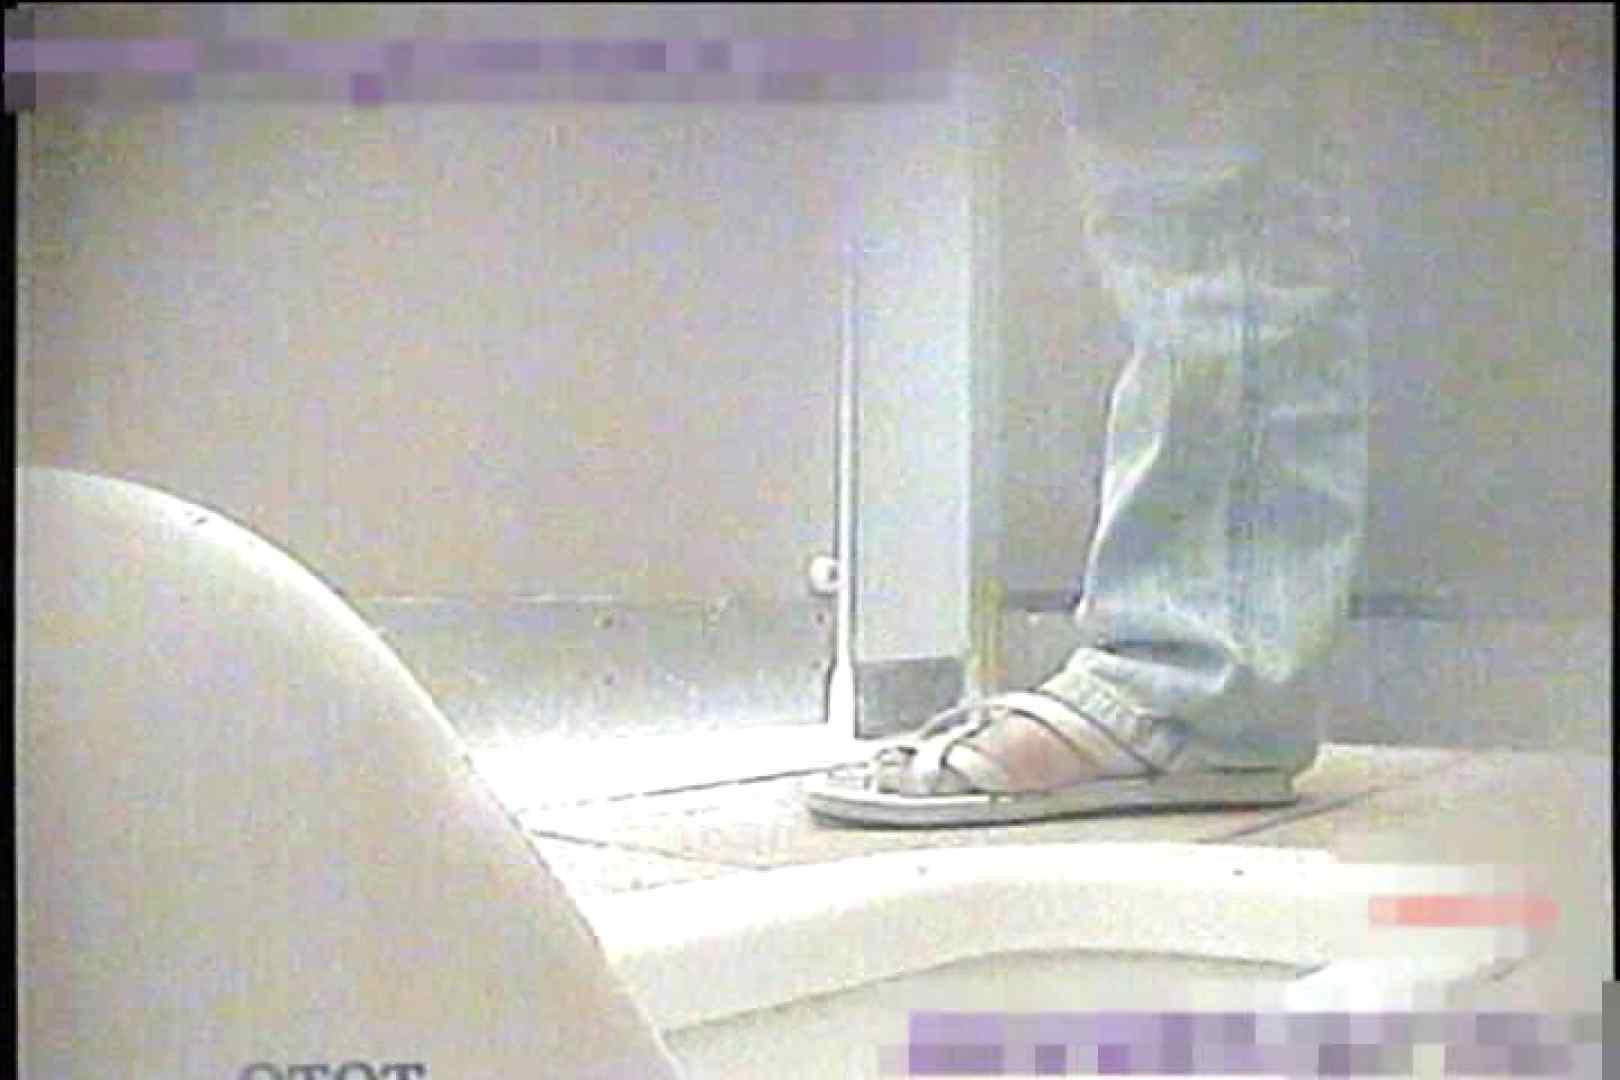 2点盗撮洗面所潜入レポートVol.1 おまんこ無修正 隠し撮りセックス画像 61pic 46